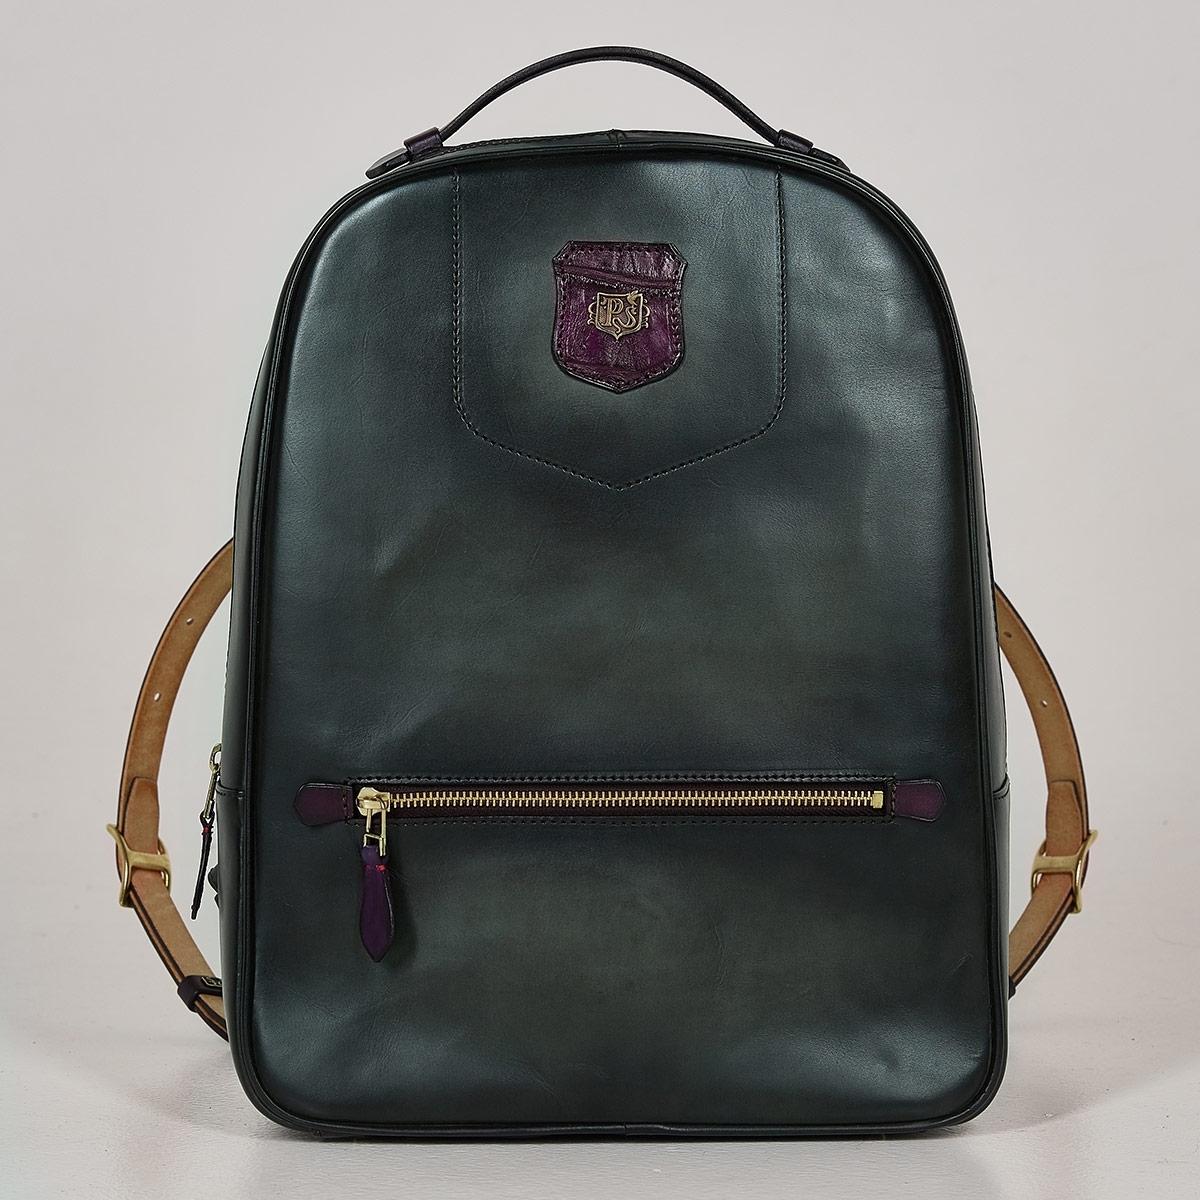 City backpack ASPEN plum wine & dark agave